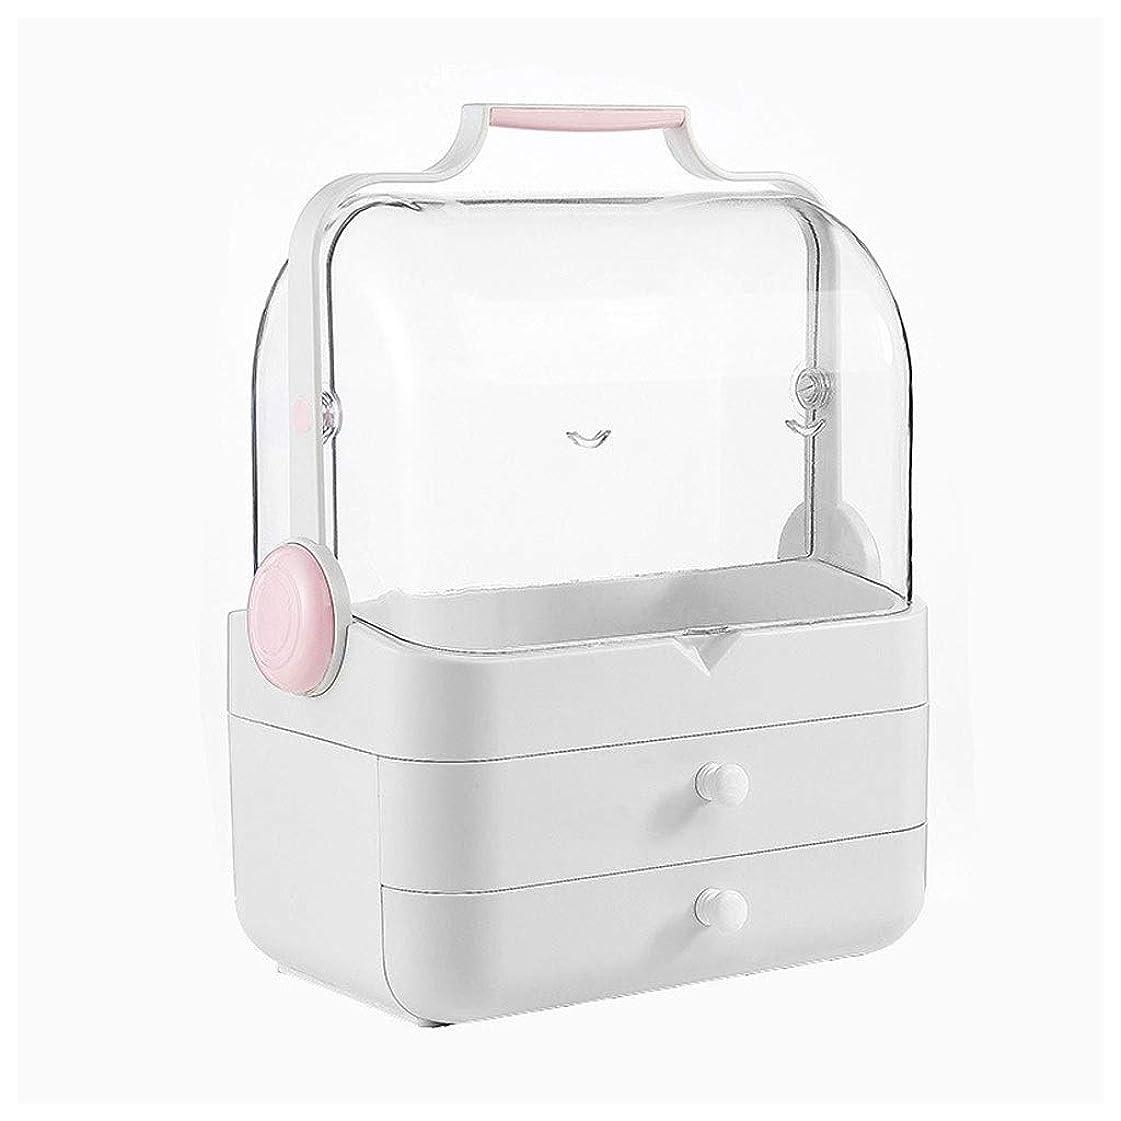 セミナー泣き叫ぶ代わりにを立てるLDG クリア 化粧品収納ボックス、プラスチック ポータブル 大容量 引き出し 蓋 防水 防塵 メイクケース (Color : A)